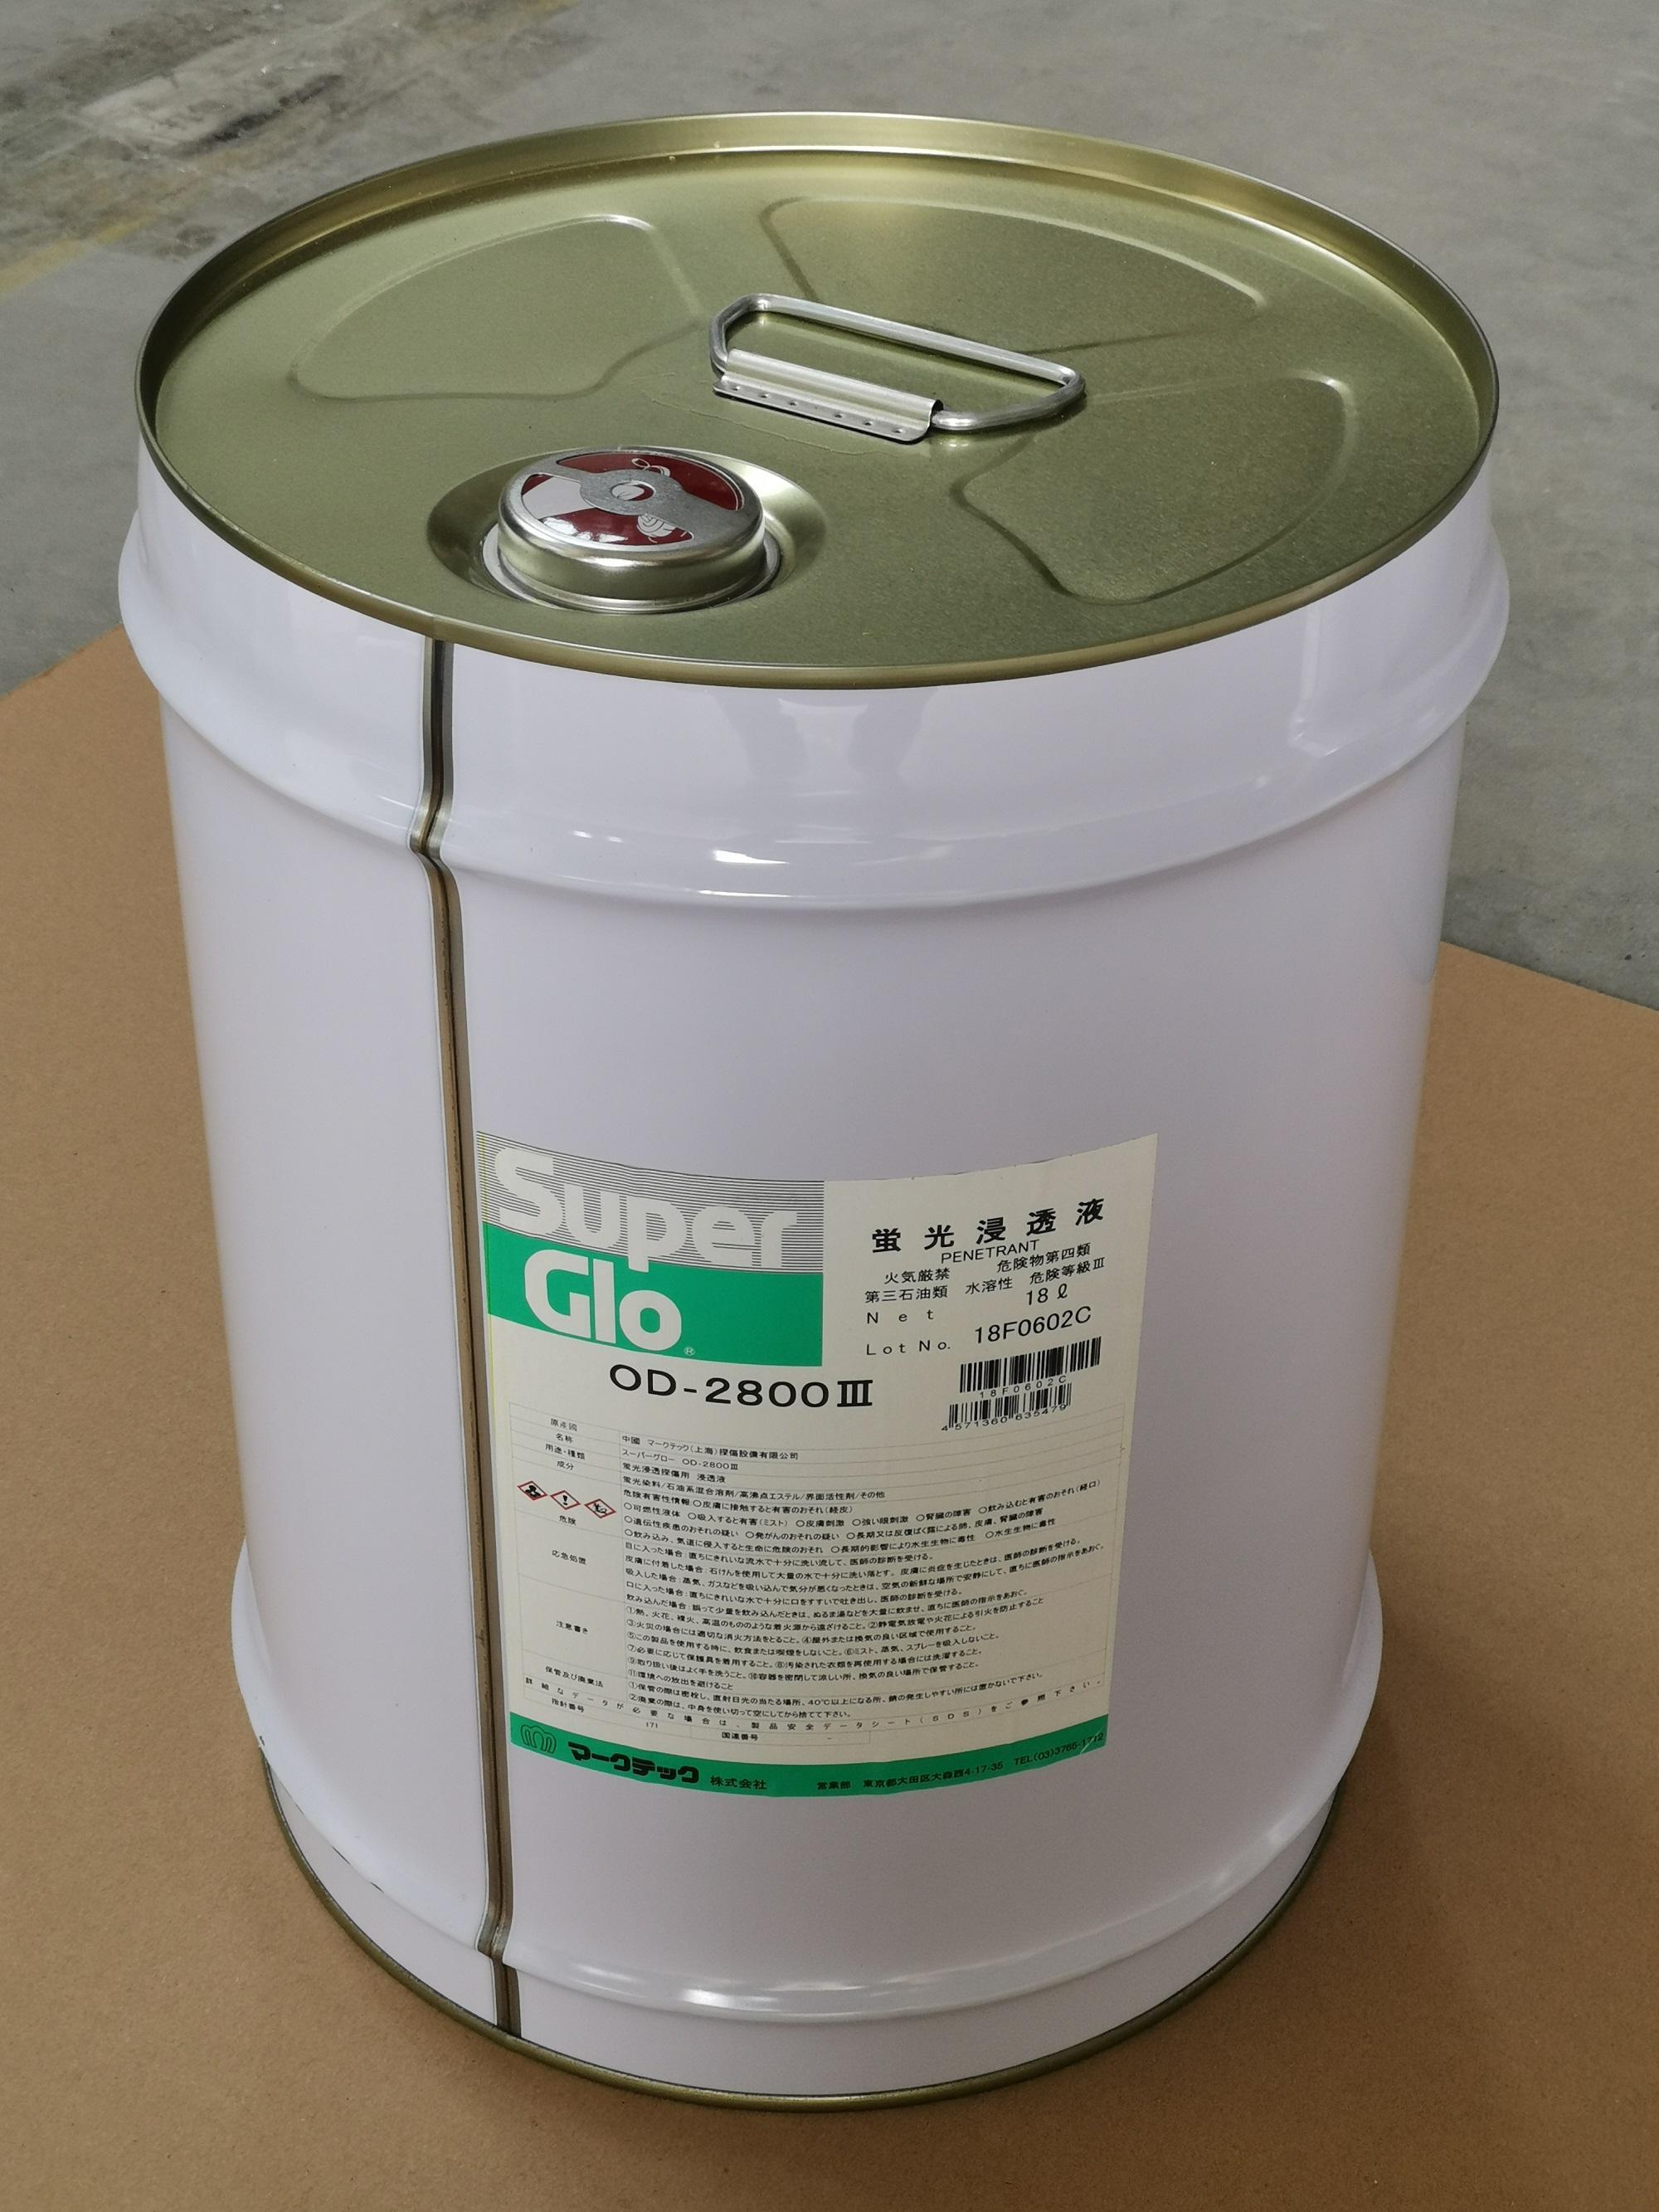 荧光渗透探伤剂Super Glo OD-2800